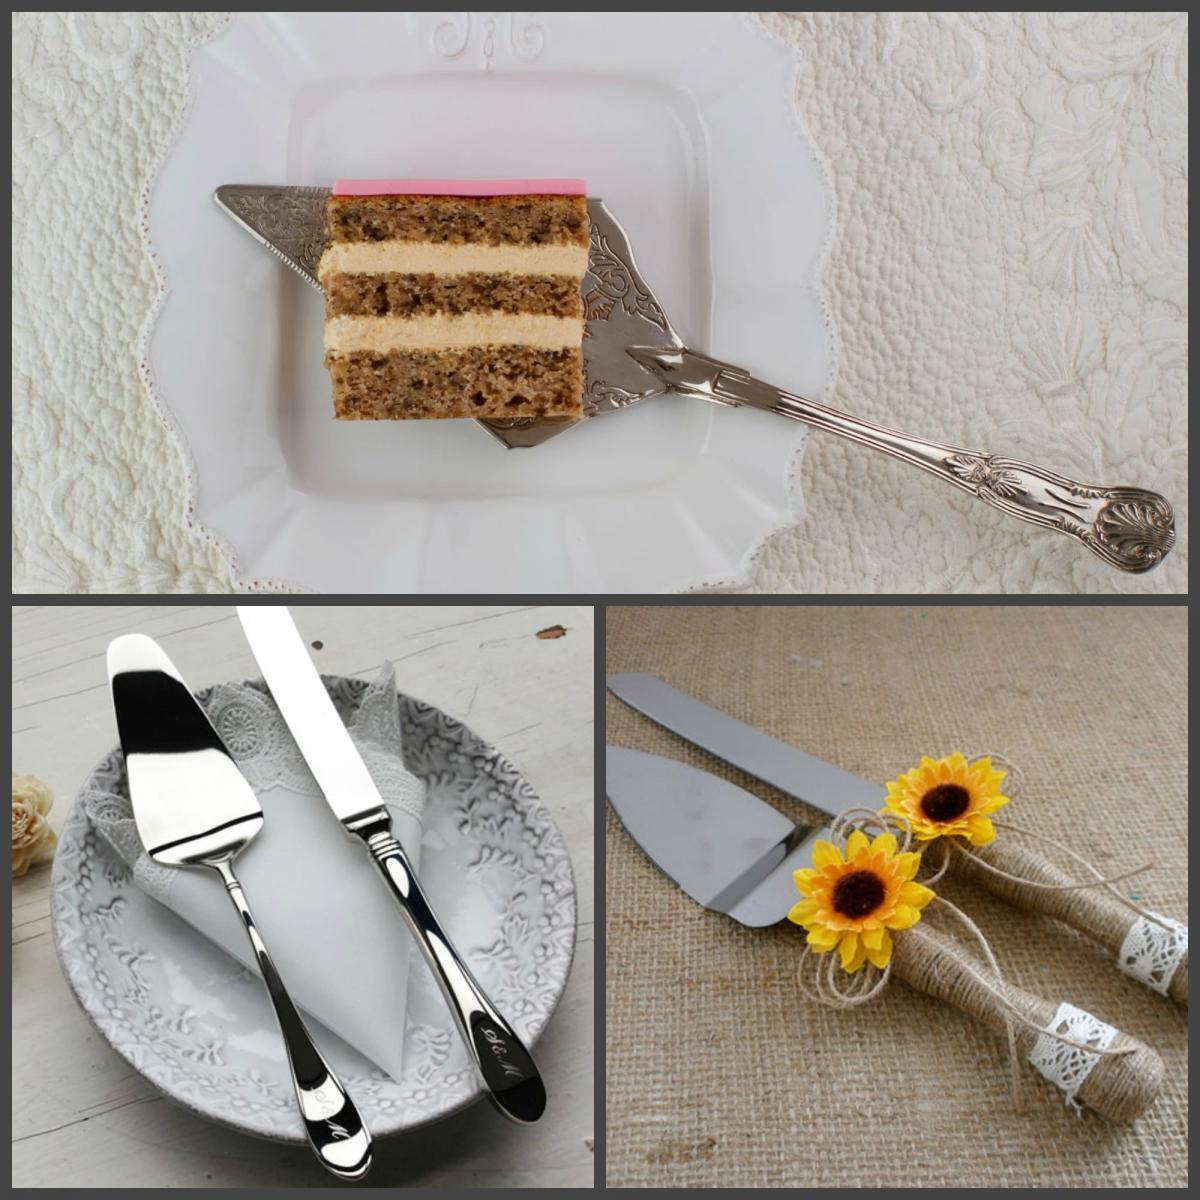 Приборы для разрезания и сервировки торта